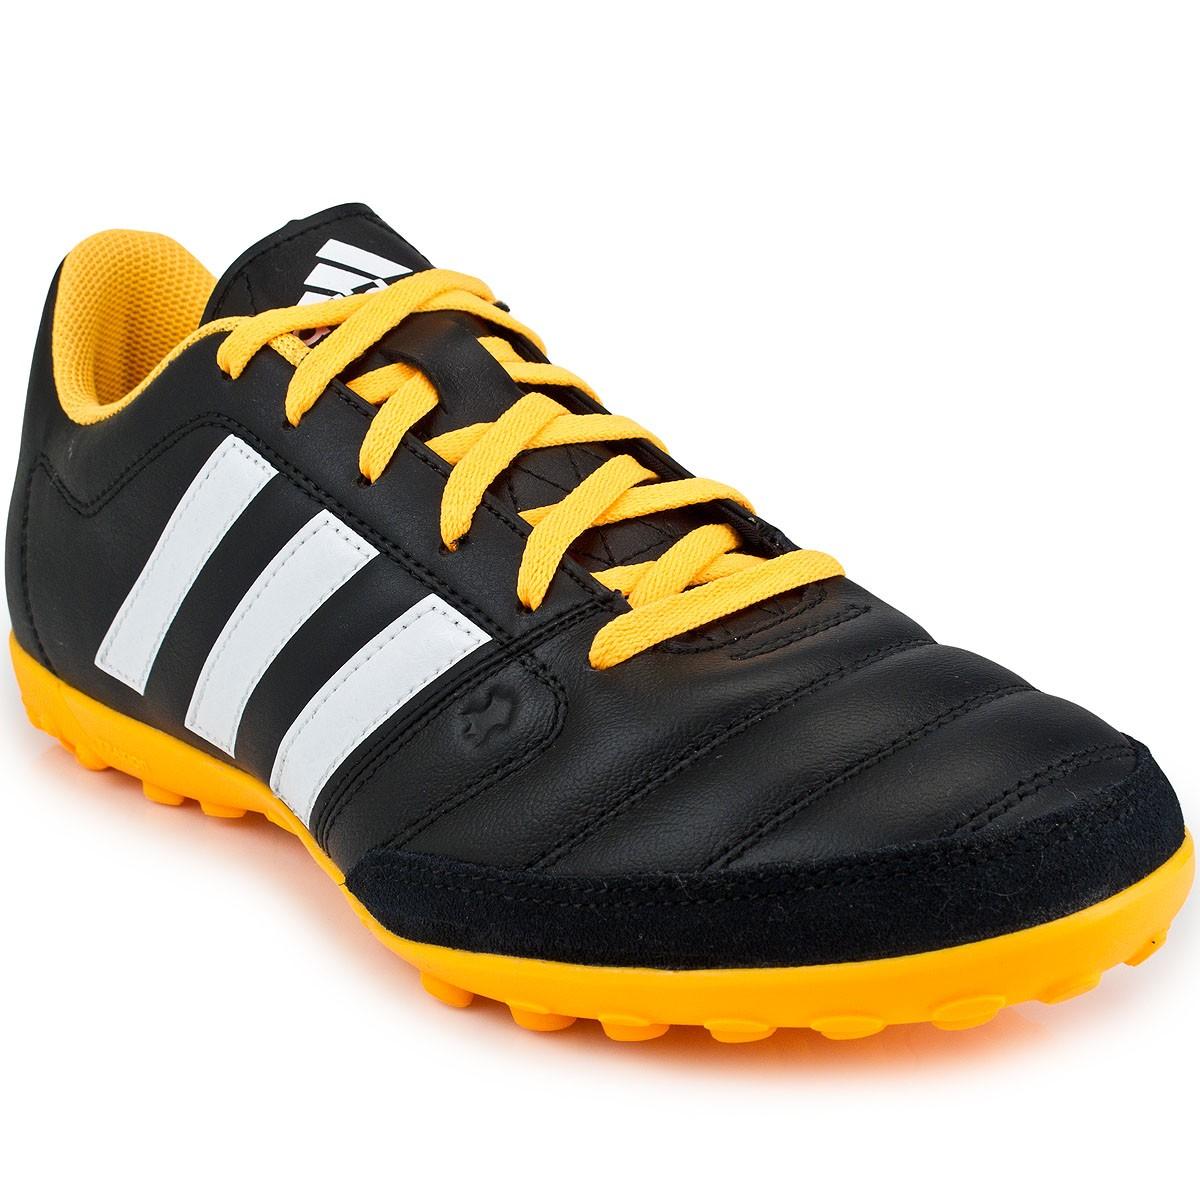 6381548db9 Chuteira Adidas Gloro 16.2 TF